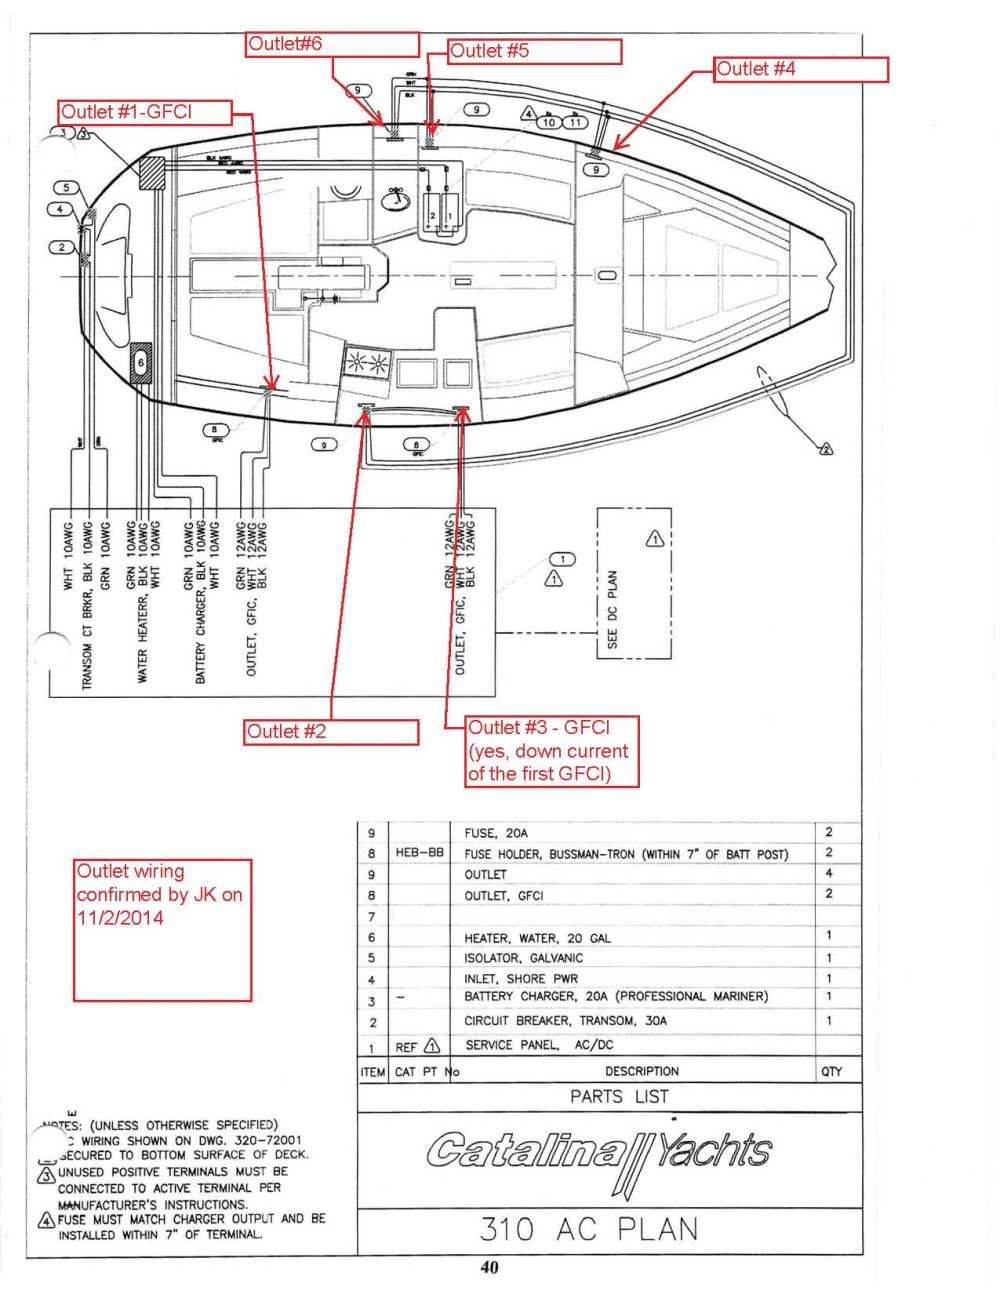 medium resolution of c310 115vac wiring diagram v2 c310 ac plan v2